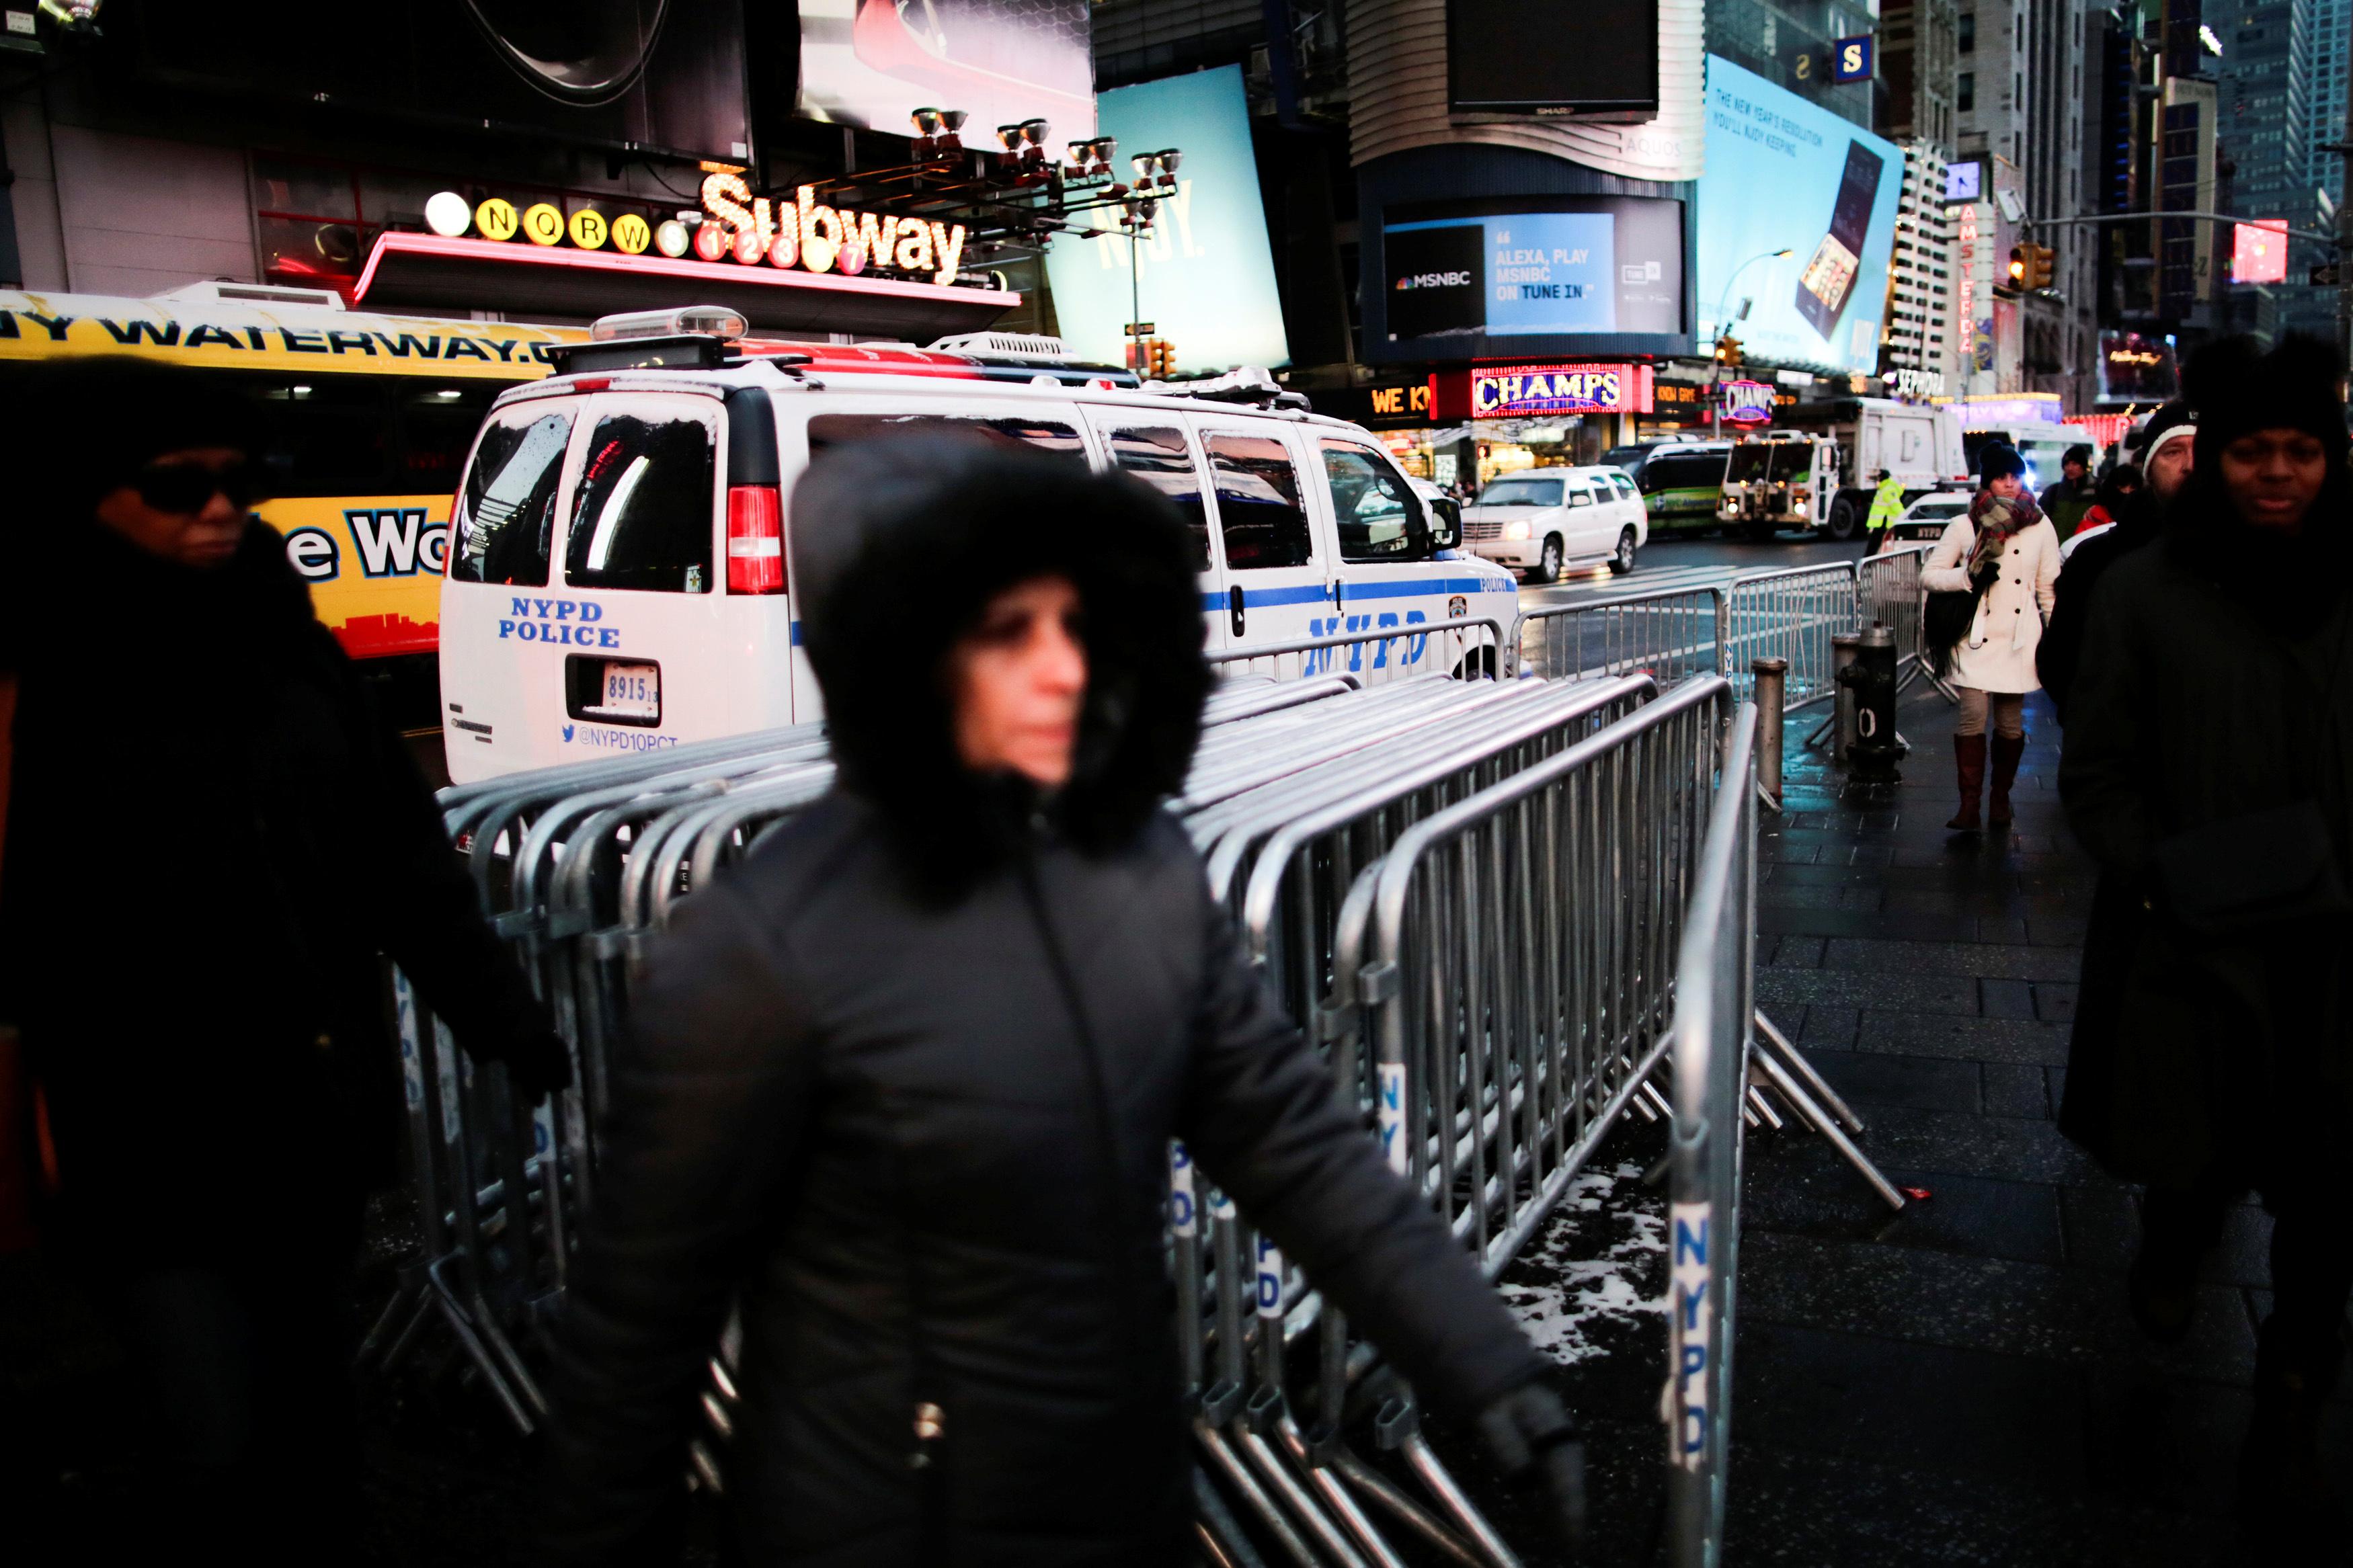 حواجز أمنية فى شوارع نيويورك قبل احتفالات العام الجديد